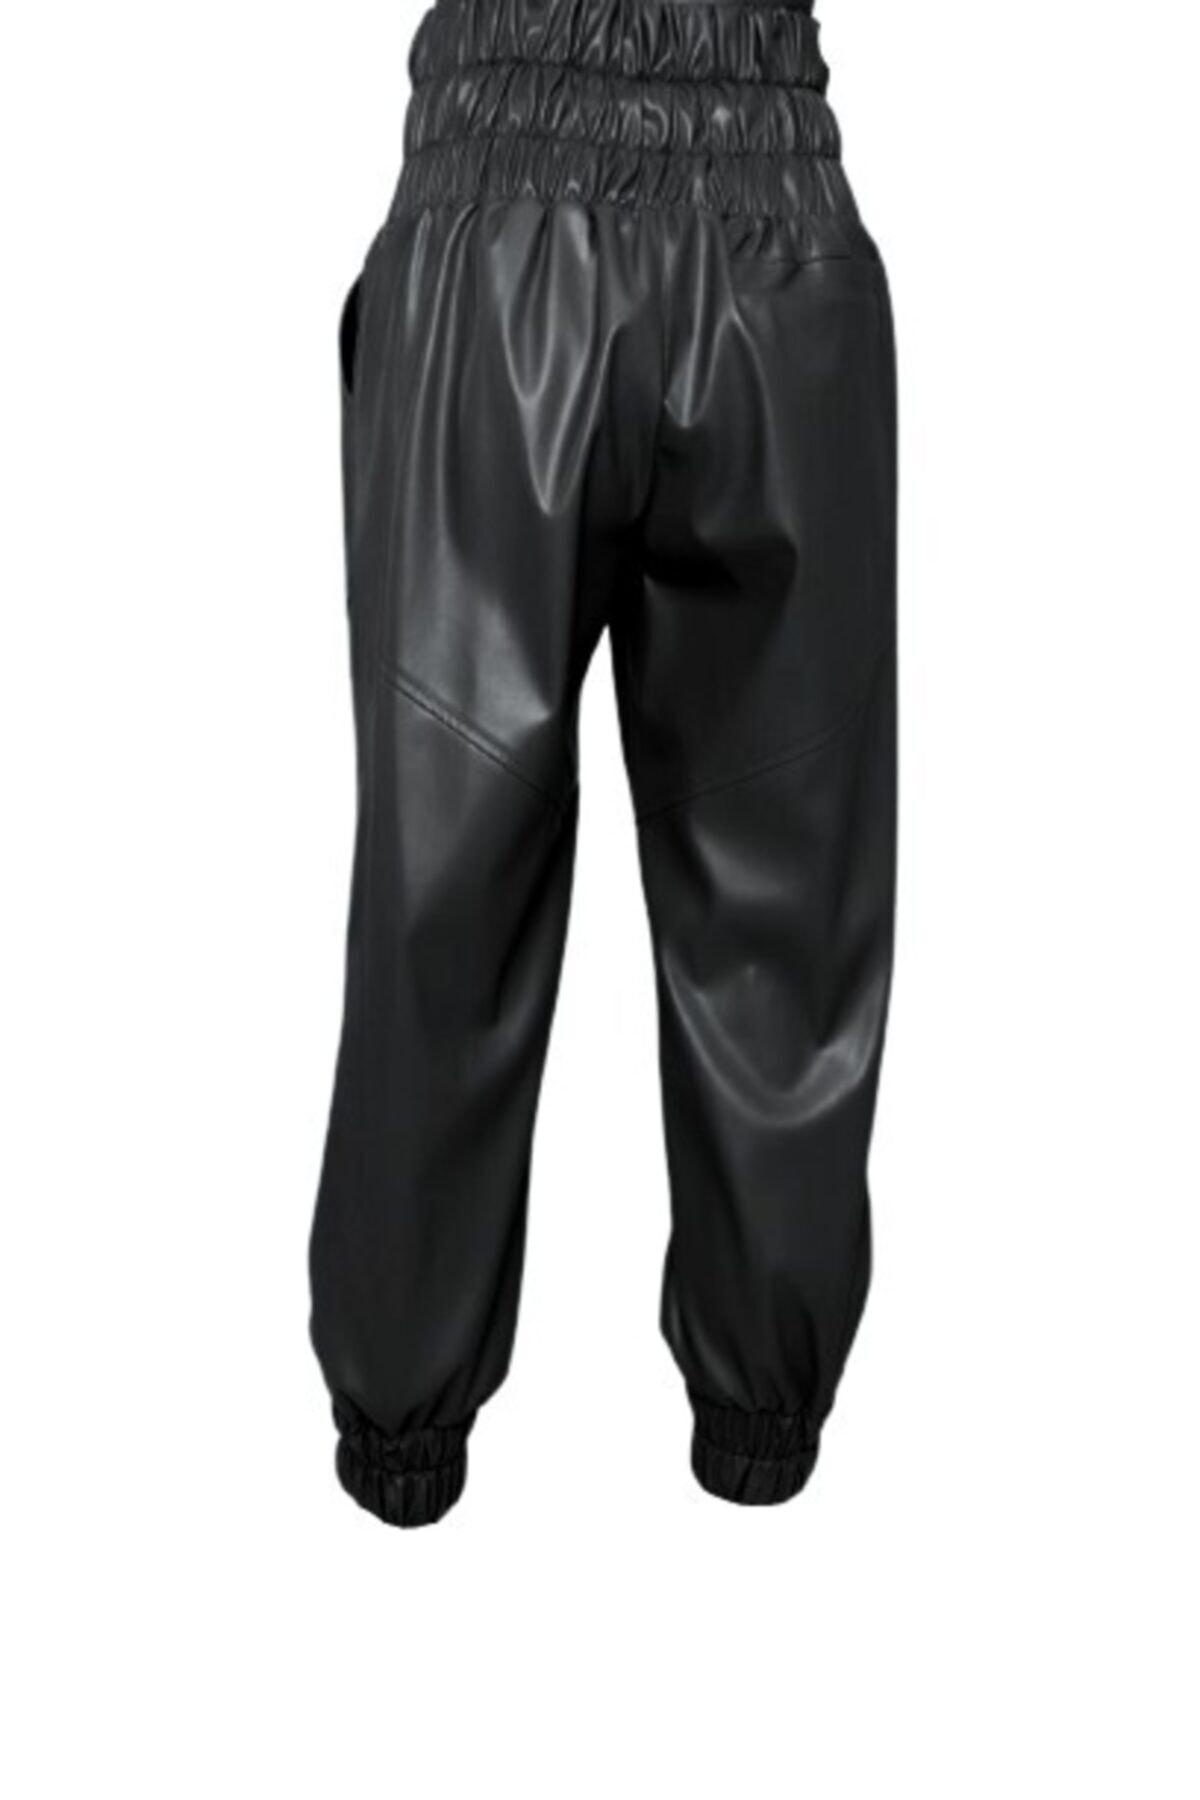 BSL Kadın Siyah Kemer Lastik Detaylı Suni Deri Pantolon 2